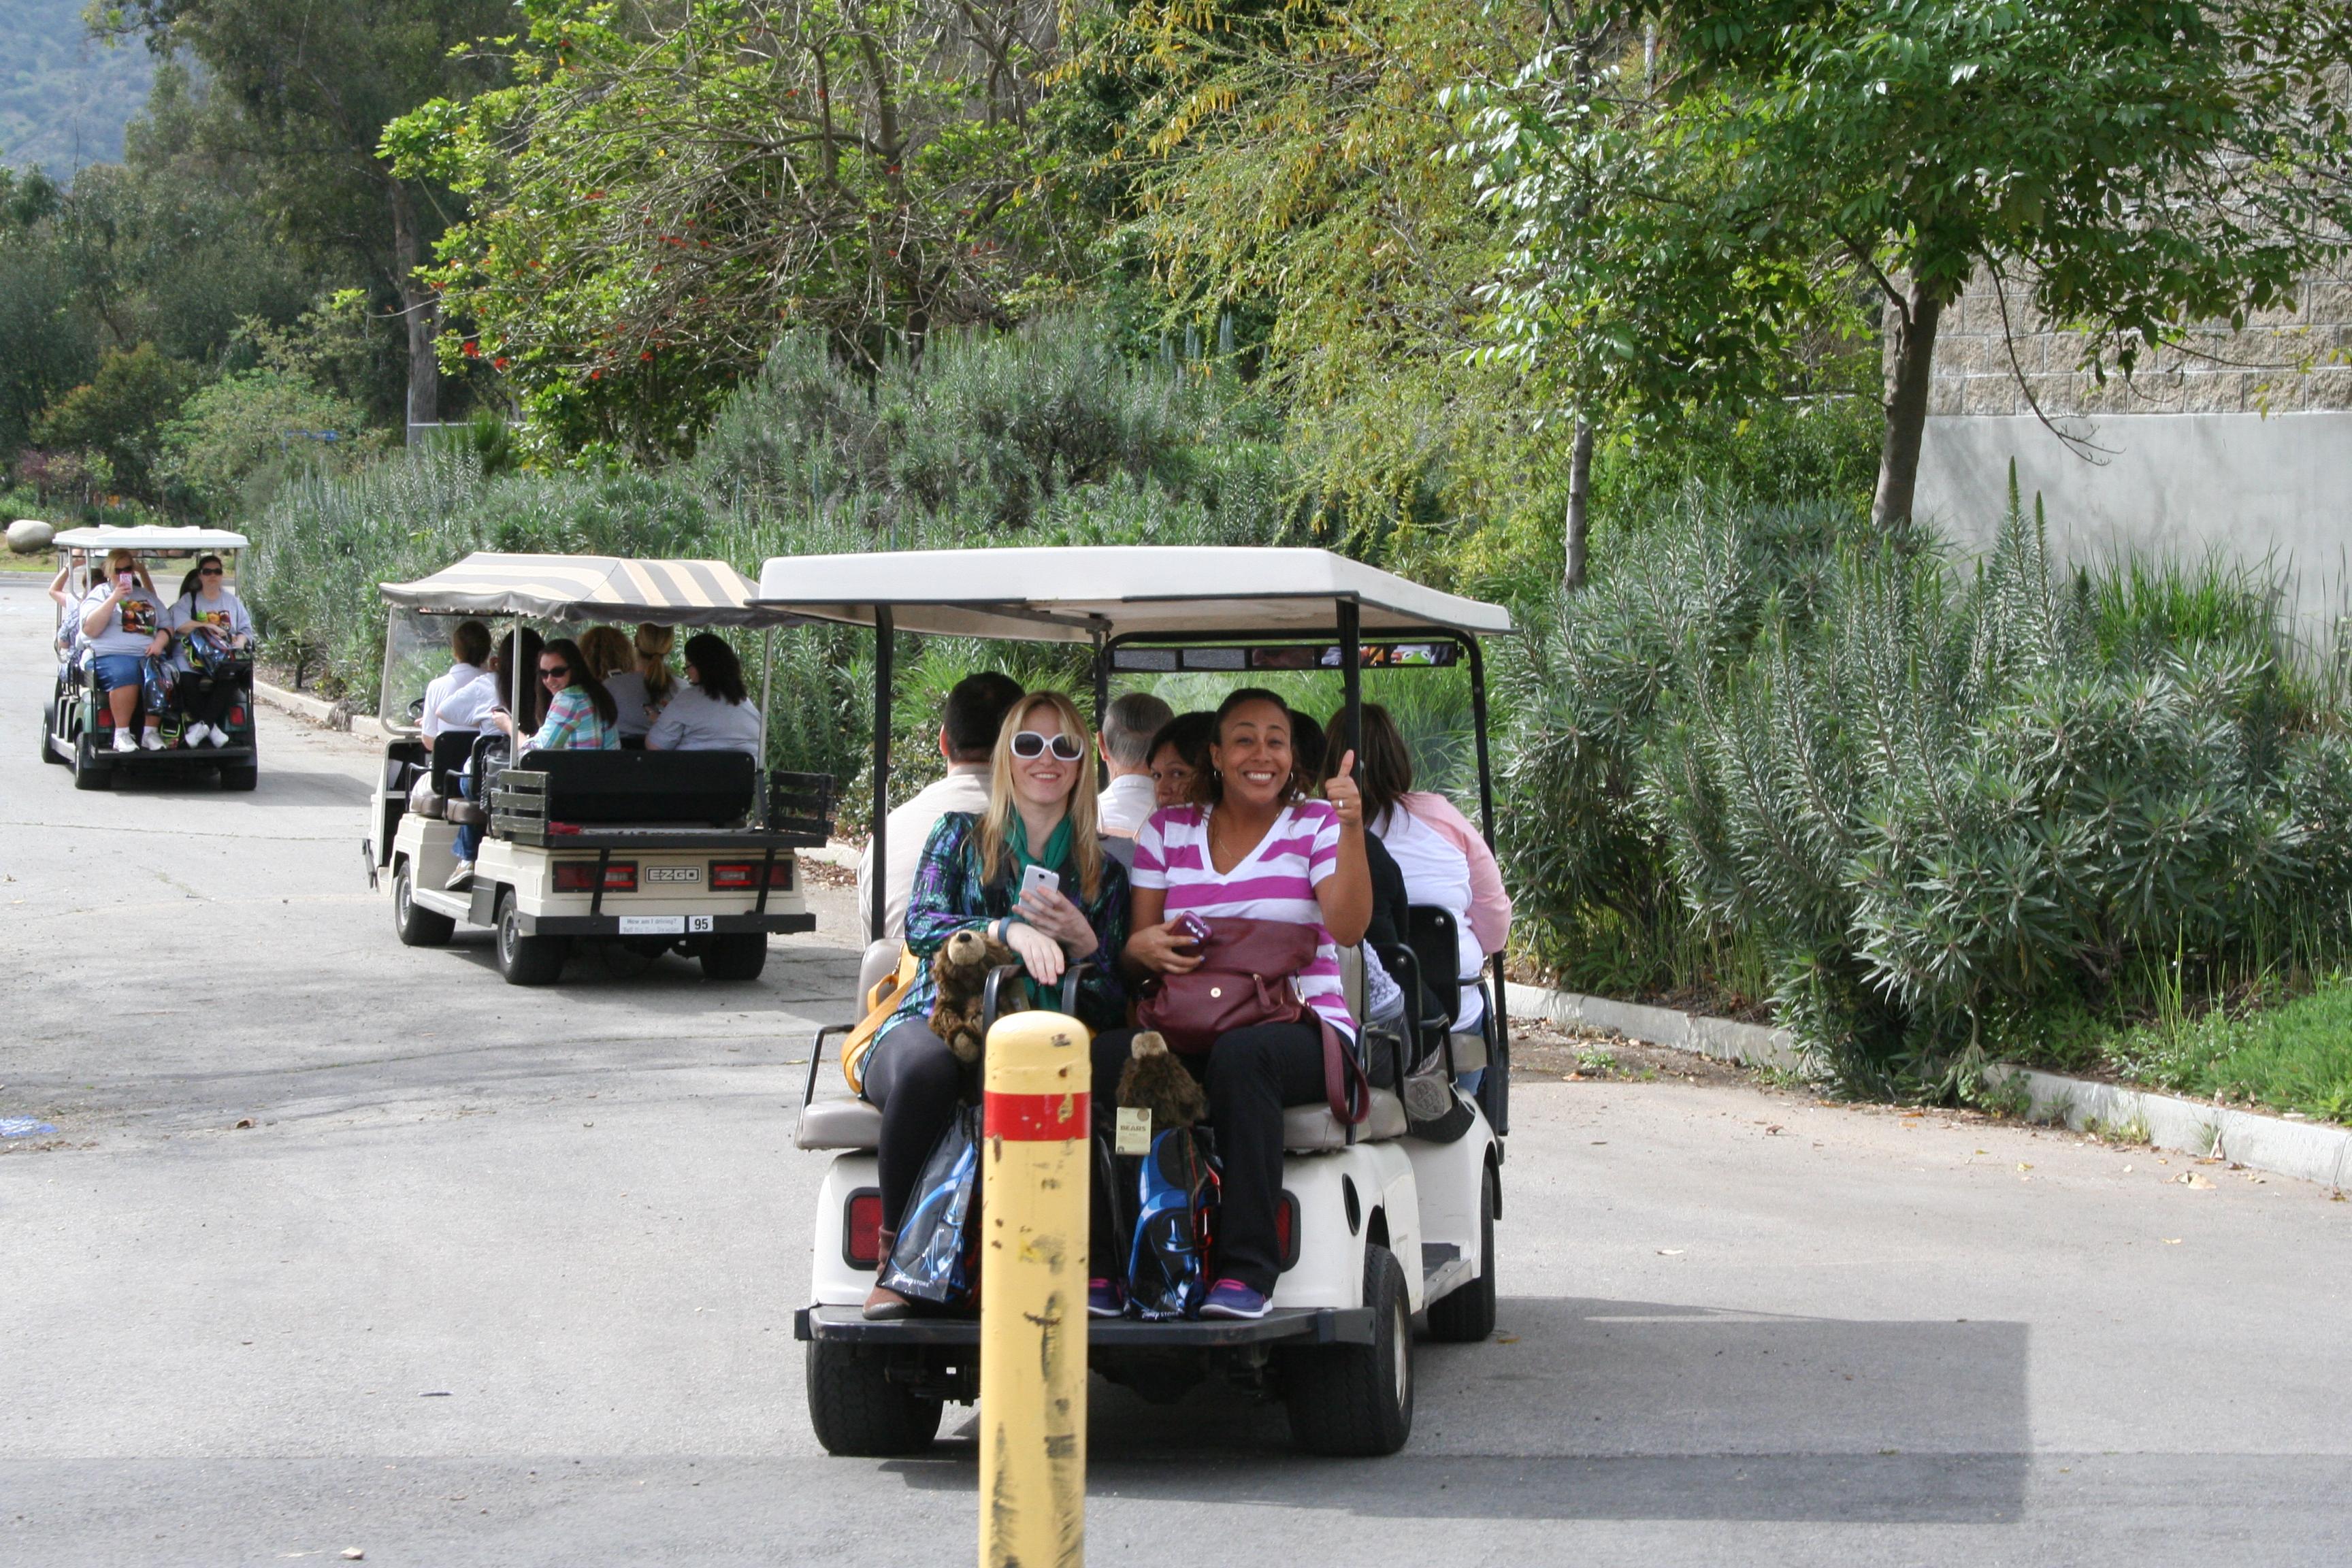 LA Zoo tram